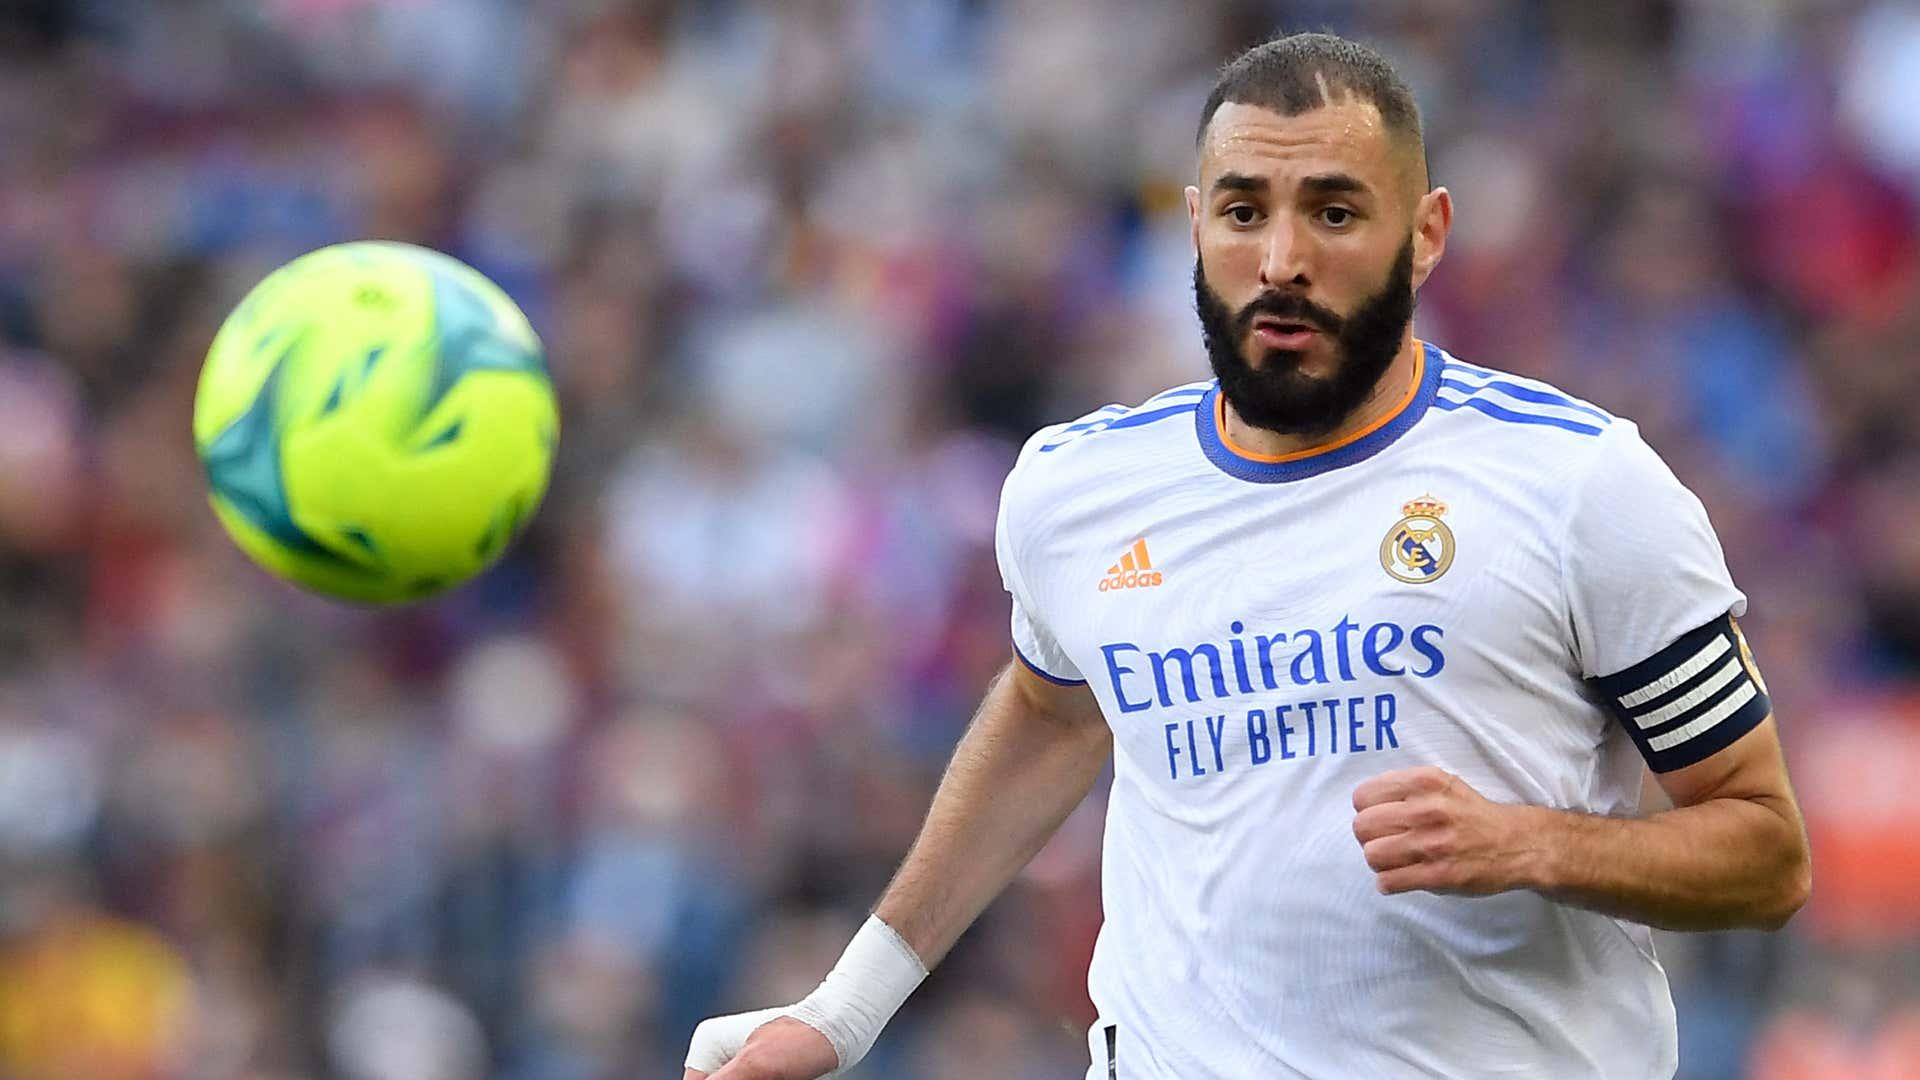 Le classement du Ballon d'Or 2021 aurait fuité, Benzema seulement troisième | Goal.com